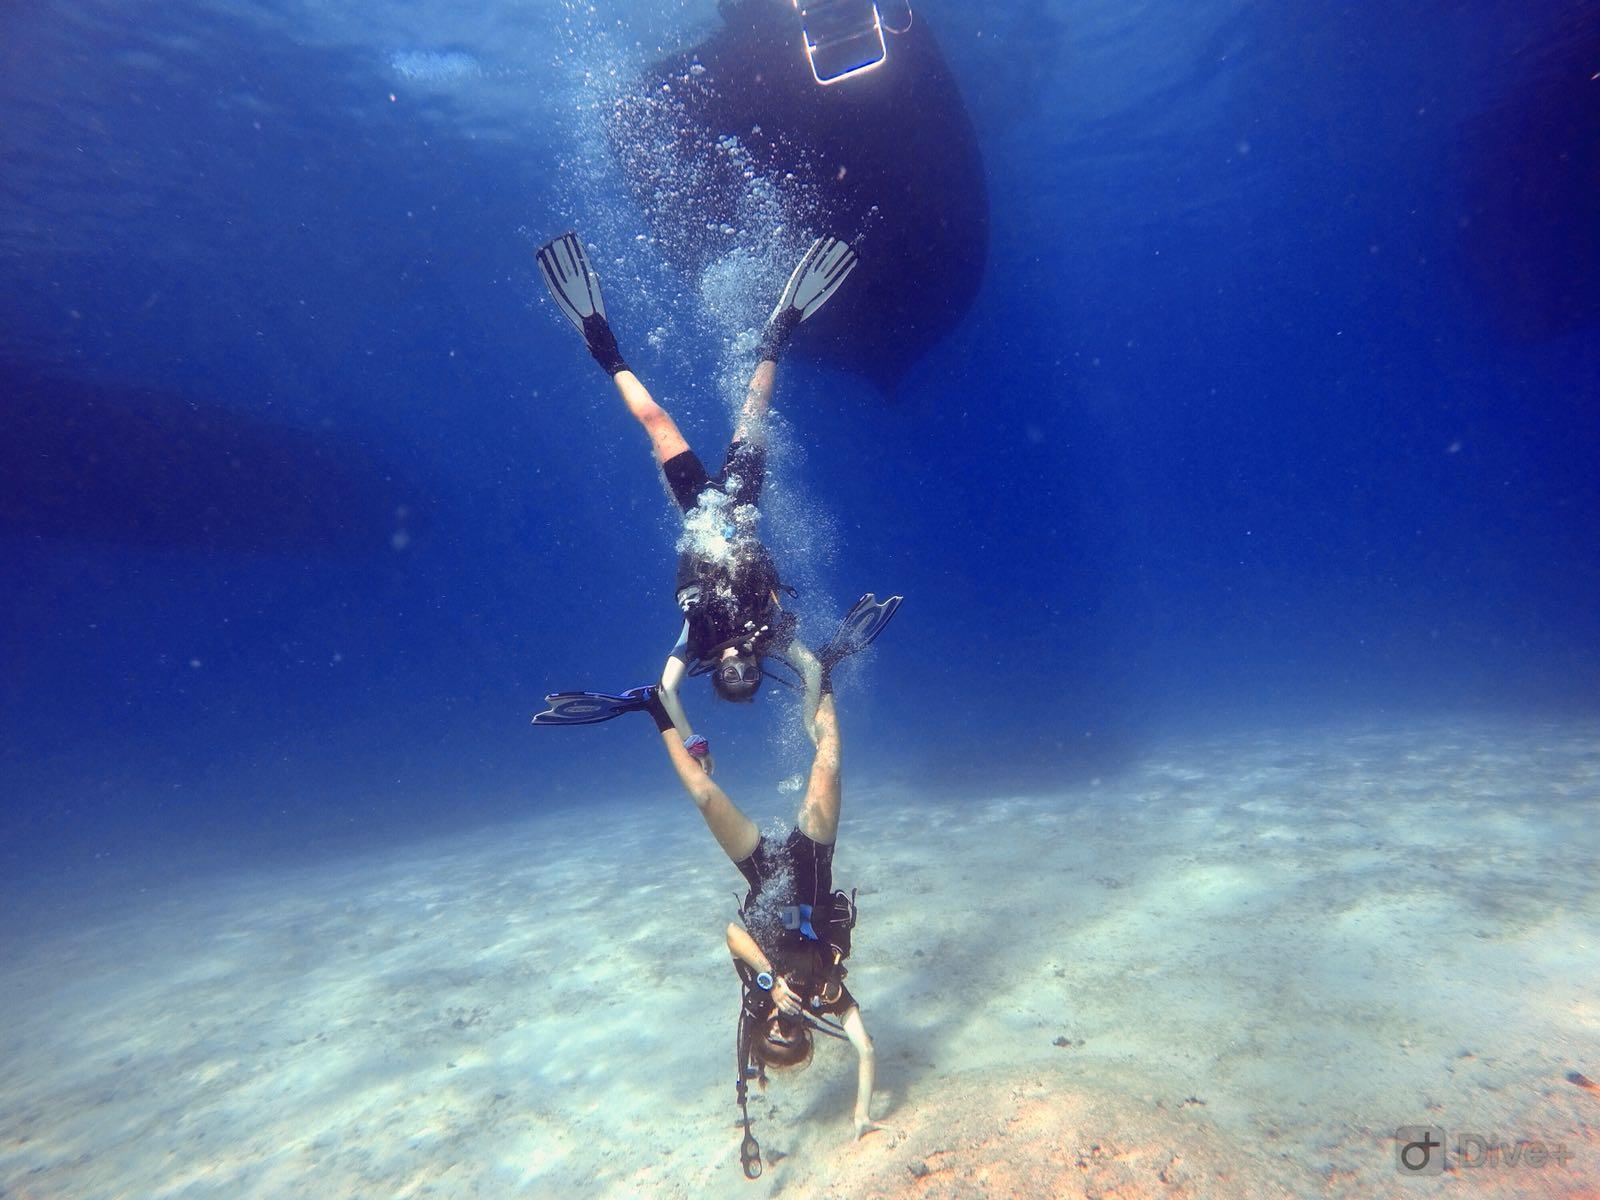 türkiye'deki en güzel dalış noktaları - karaburun